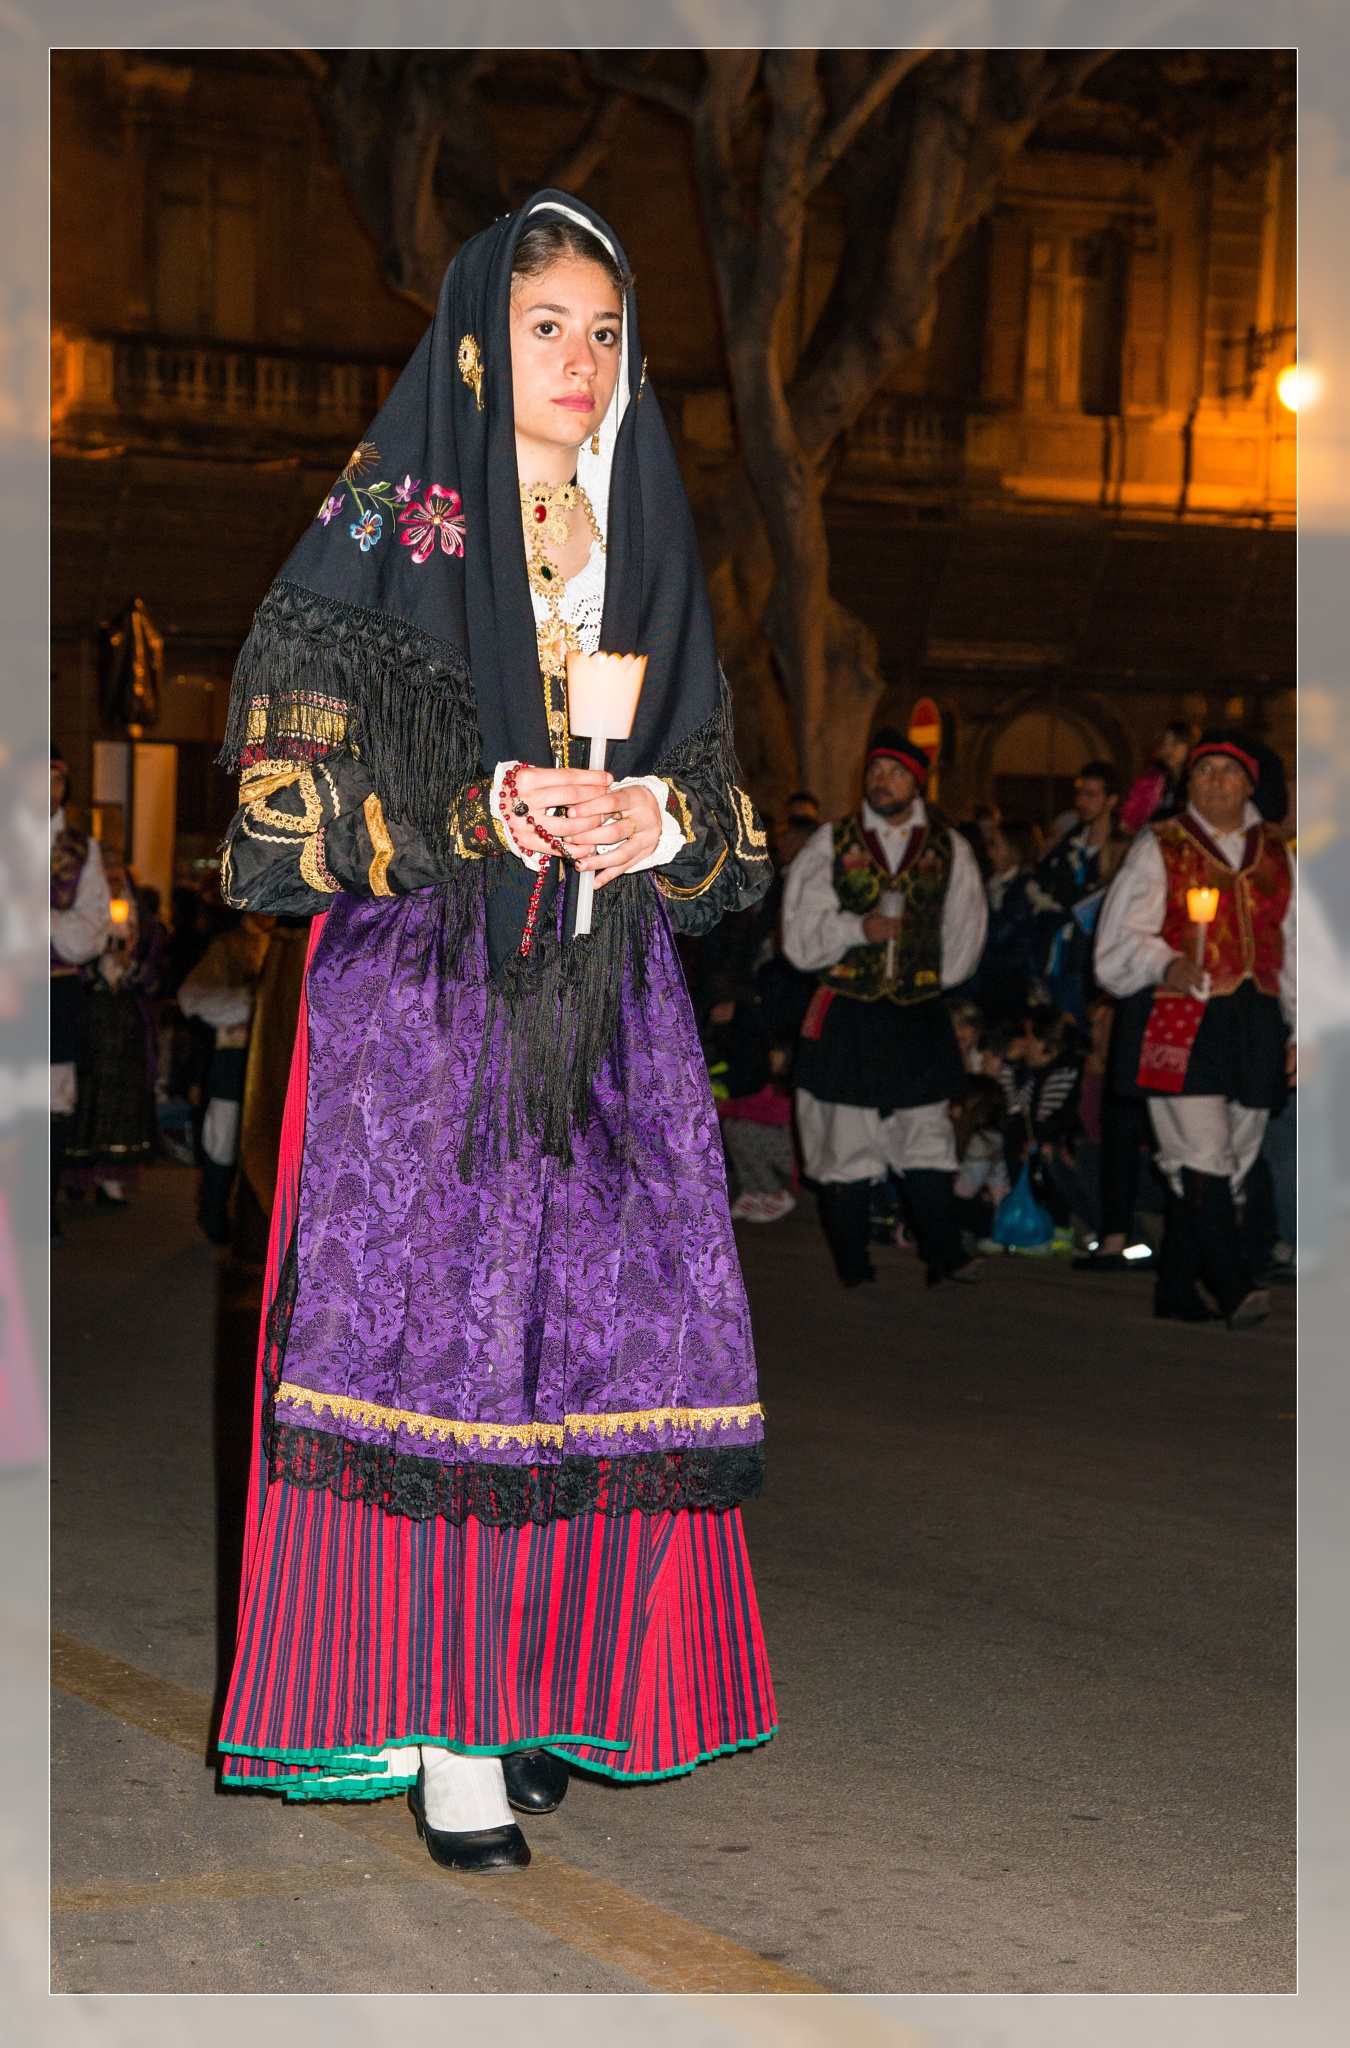 Costume Sardo (Cagliari) by corvonero